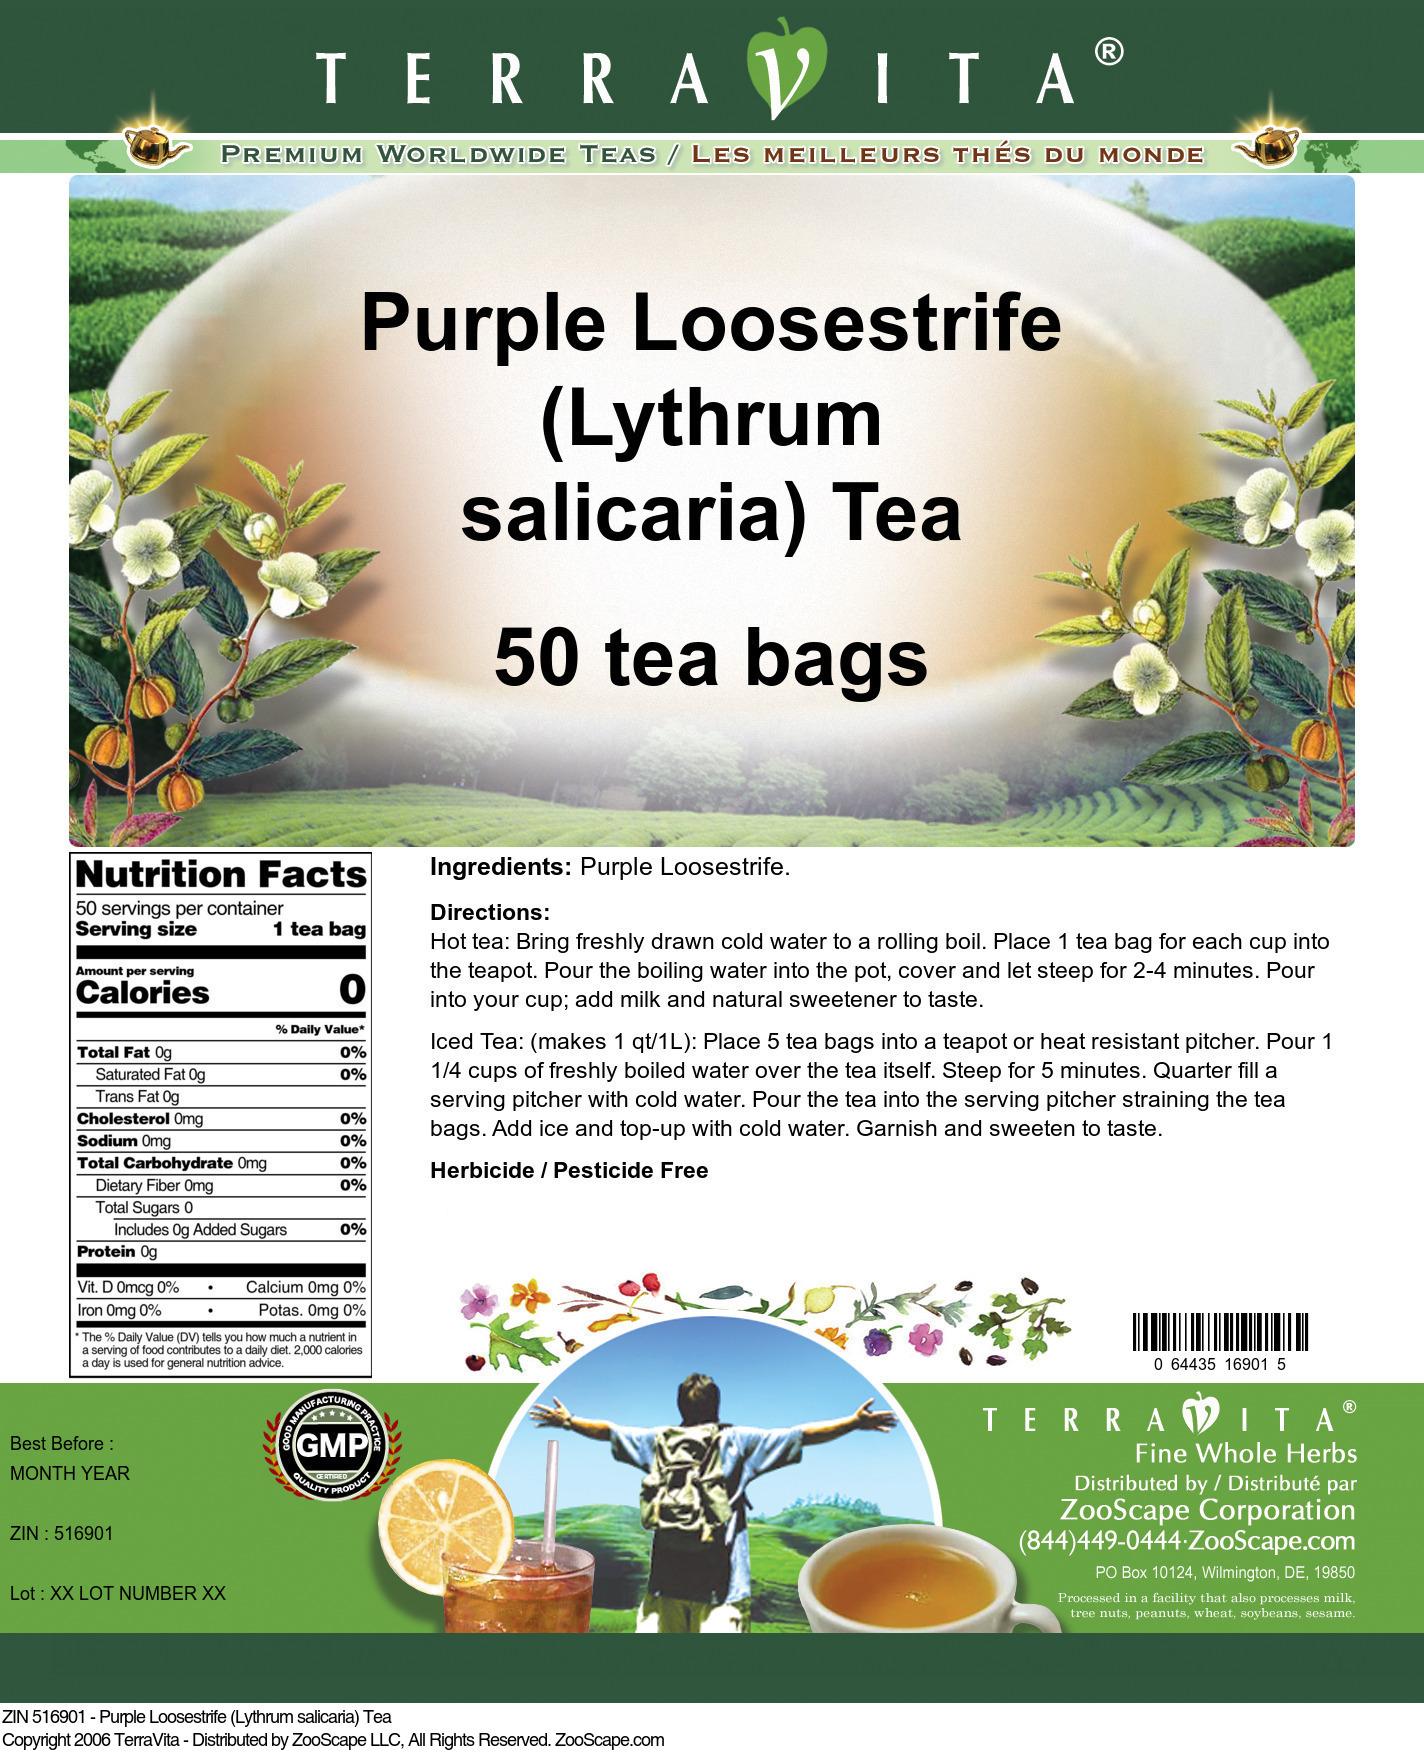 Purple Loosestrife (Lythrum salicaria) Tea